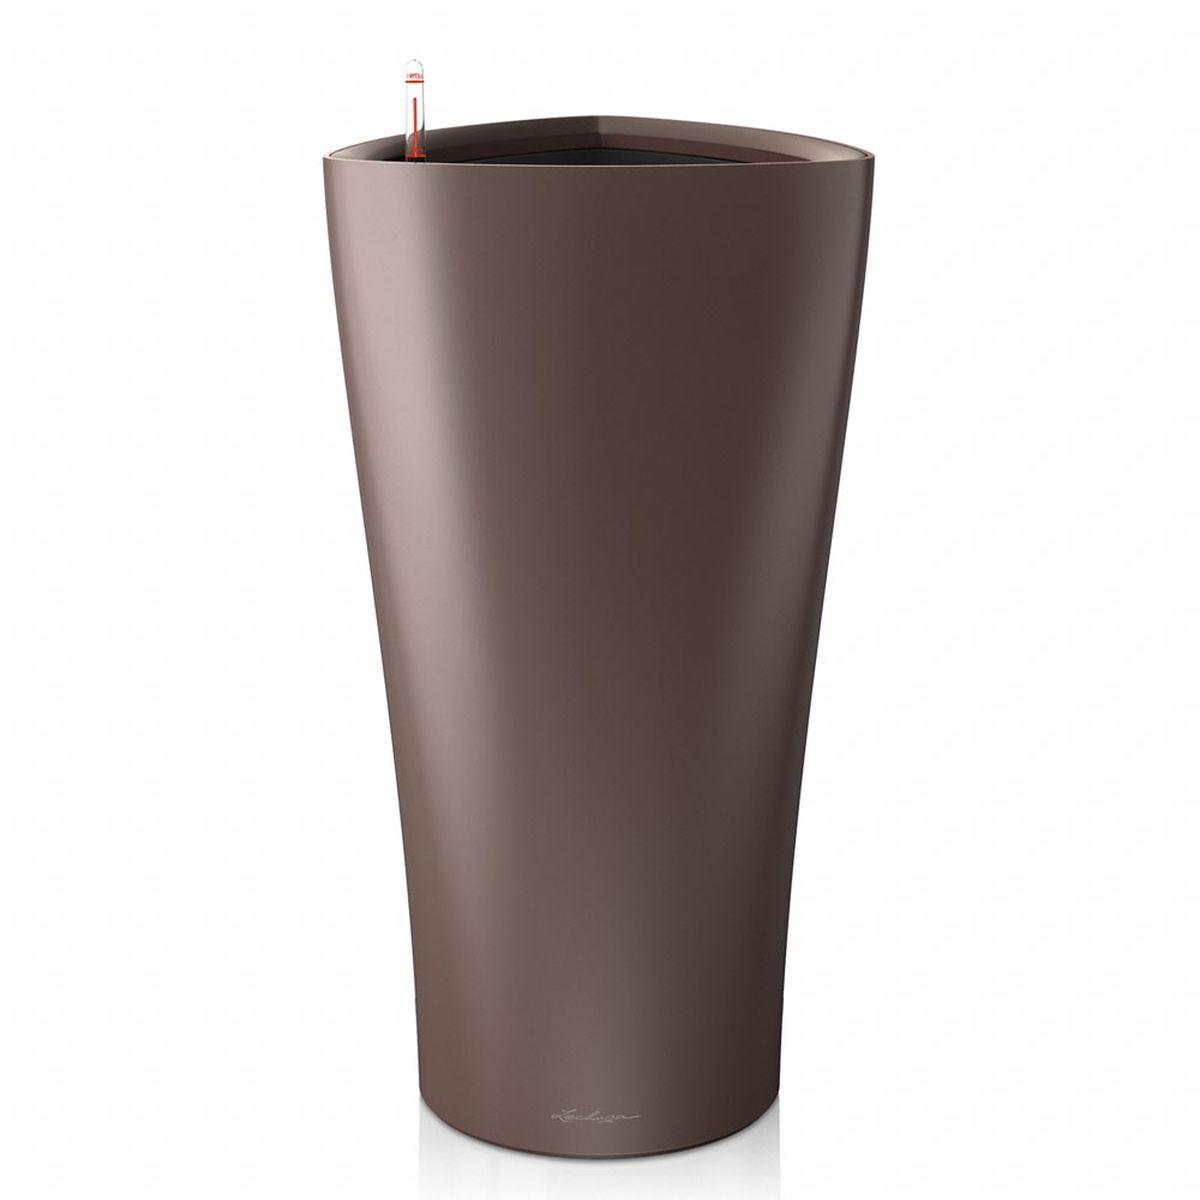 Кашпо Lechuza Delta, с системой автополива, цвет: эспрессо, 30 х 30 х 56 см15517Кашпо Lechuza Delta, выполненное из высококачественного пластика, имеет уникальную систему автополива, благодаря которой корневая система растения непрерывно снабжается влагой из резервуара. Уровень воды в резервуаре контролируется с помощью специального индикатора. В зависимости от размера кашпо и растения воды хватает на 2-12 недель. Это способствует хорошему росту цветов и предотвращает переувлажнение.В набор входит: кашпо, внутренний горшок, индикатор уровня воды, вал подачи воды, субстрат растений в качестве дренажного слоя, резервуар для воды.Кашпо Lechuza Delta прекрасно впишется в любой интерьер. Оно поможет расставить нужные акценты и придаст помещению вид, соответствующий вашим представлениям.